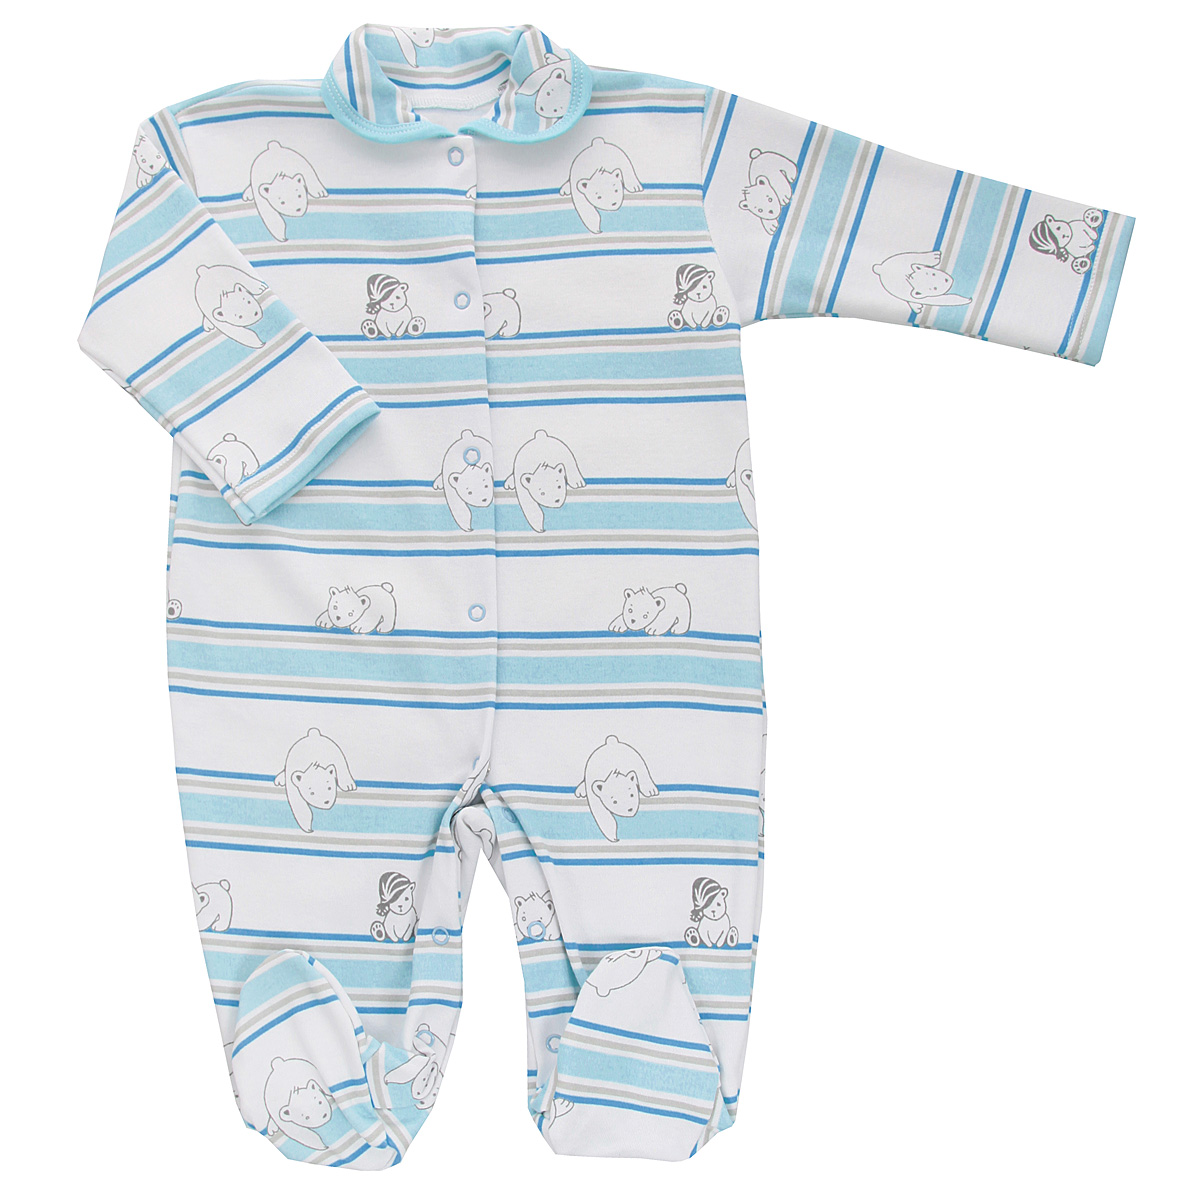 Комбинезон детский Трон-плюс, цвет: белый, голубой. 5815_мишка, полоска. Размер 74, 9 месяцев5815_мишка, полоскаДетский комбинезон Трон-Плюс - очень удобный и практичный вид одежды для малышей. Комбинезон выполнен из интерлока - натурального хлопка, благодаря чему он необычайно мягкий и приятный на ощупь, не раздражает нежную кожу ребенка, и хорошо вентилируются, а эластичные швы приятны телу младенца и не препятствуют его движениям. Комбинезон с длинными рукавами, закрытыми ножками и отложным воротничком имеет застежки-кнопки от горловины до щиколоток, которые помогают легко переодеть ребенка или сменить подгузник. Воротник по краю дополнен контрастной бейкой. Оформлено изделие принтом в полоску, а также изображениями медвежат. С детским комбинезоном спинка и ножки вашего крохи всегда будут в тепле, он идеален для использования днем и незаменим ночью. Комбинезон полностью соответствует особенностям жизни младенца в ранний период, не стесняя и не ограничивая его в движениях!